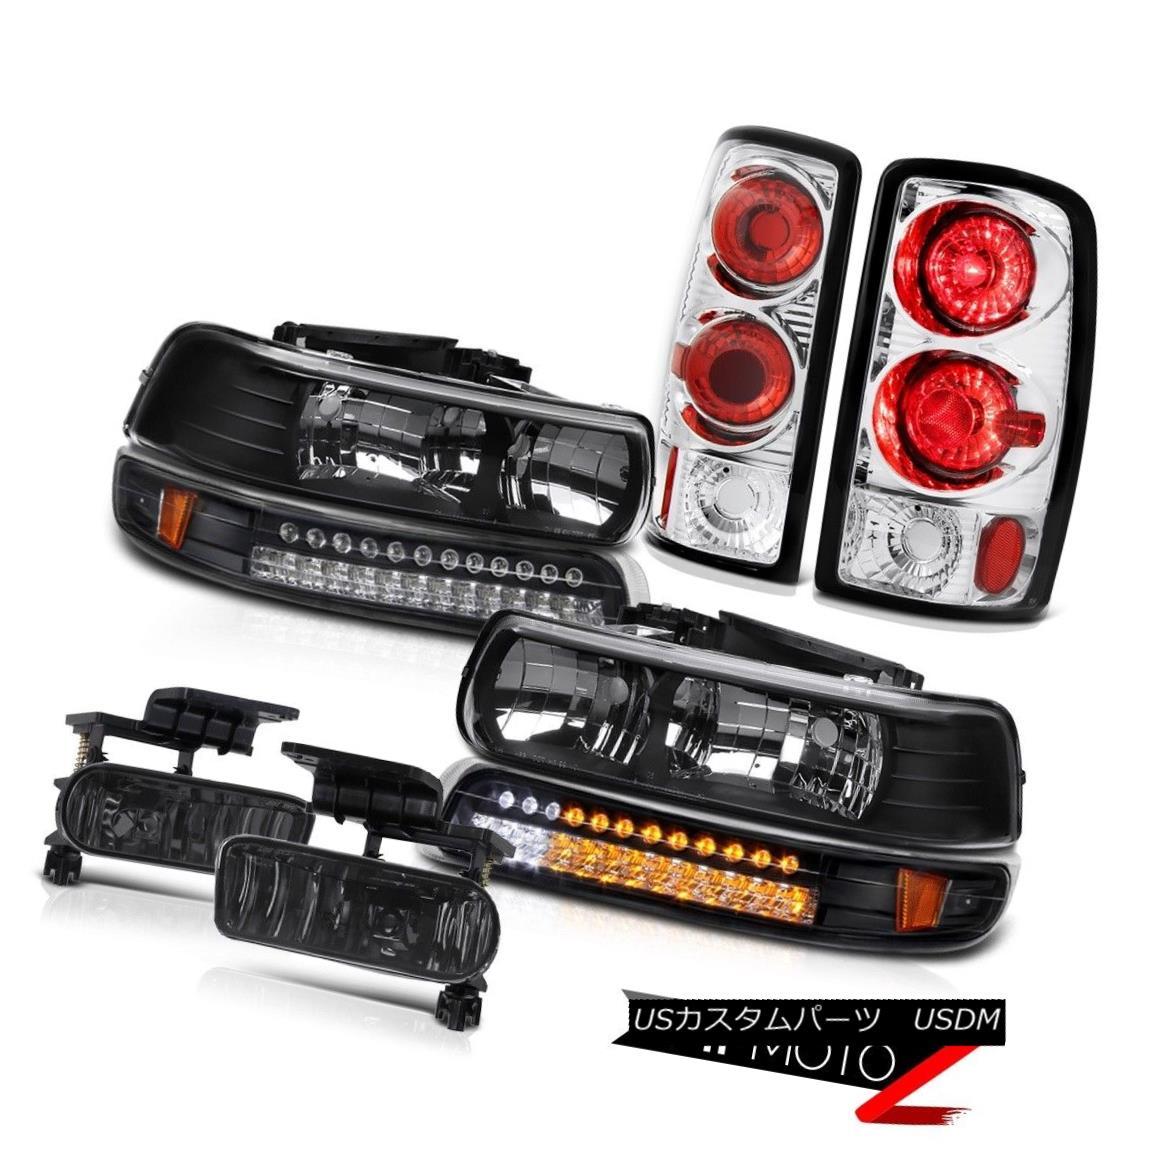 テールライト Black Diamond Headlights SMD Matte Euro Tail Lights Foglamps 00-06 Suburban 5.3L ブラックダイヤモンドヘッドライトSMDマットユーロテールライトフォグランプ00-06郊外5.3L